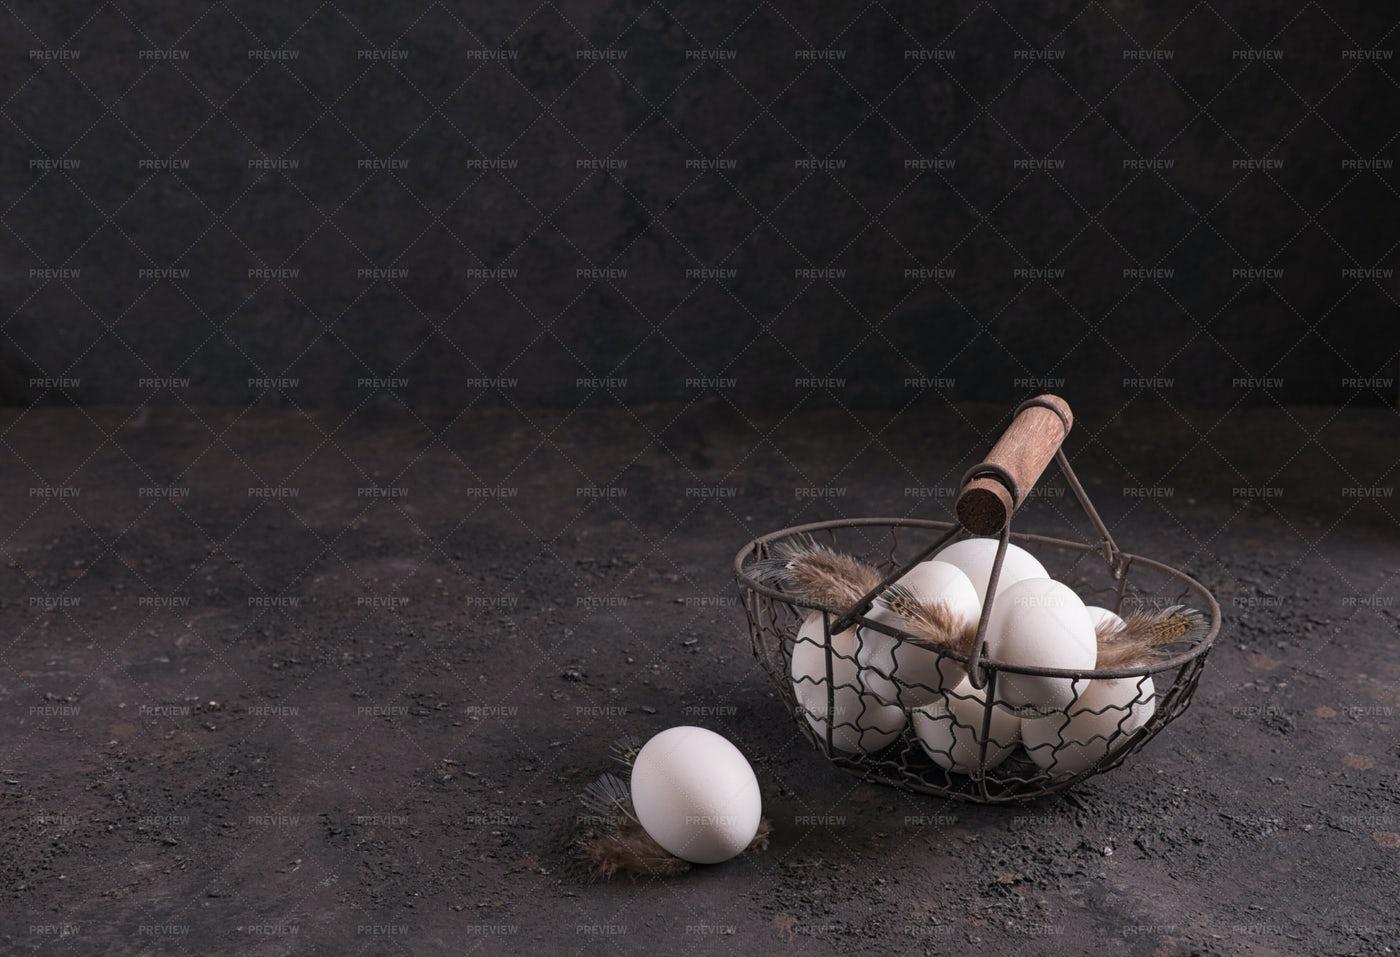 Chicken Eggs In A Basket: Stock Photos